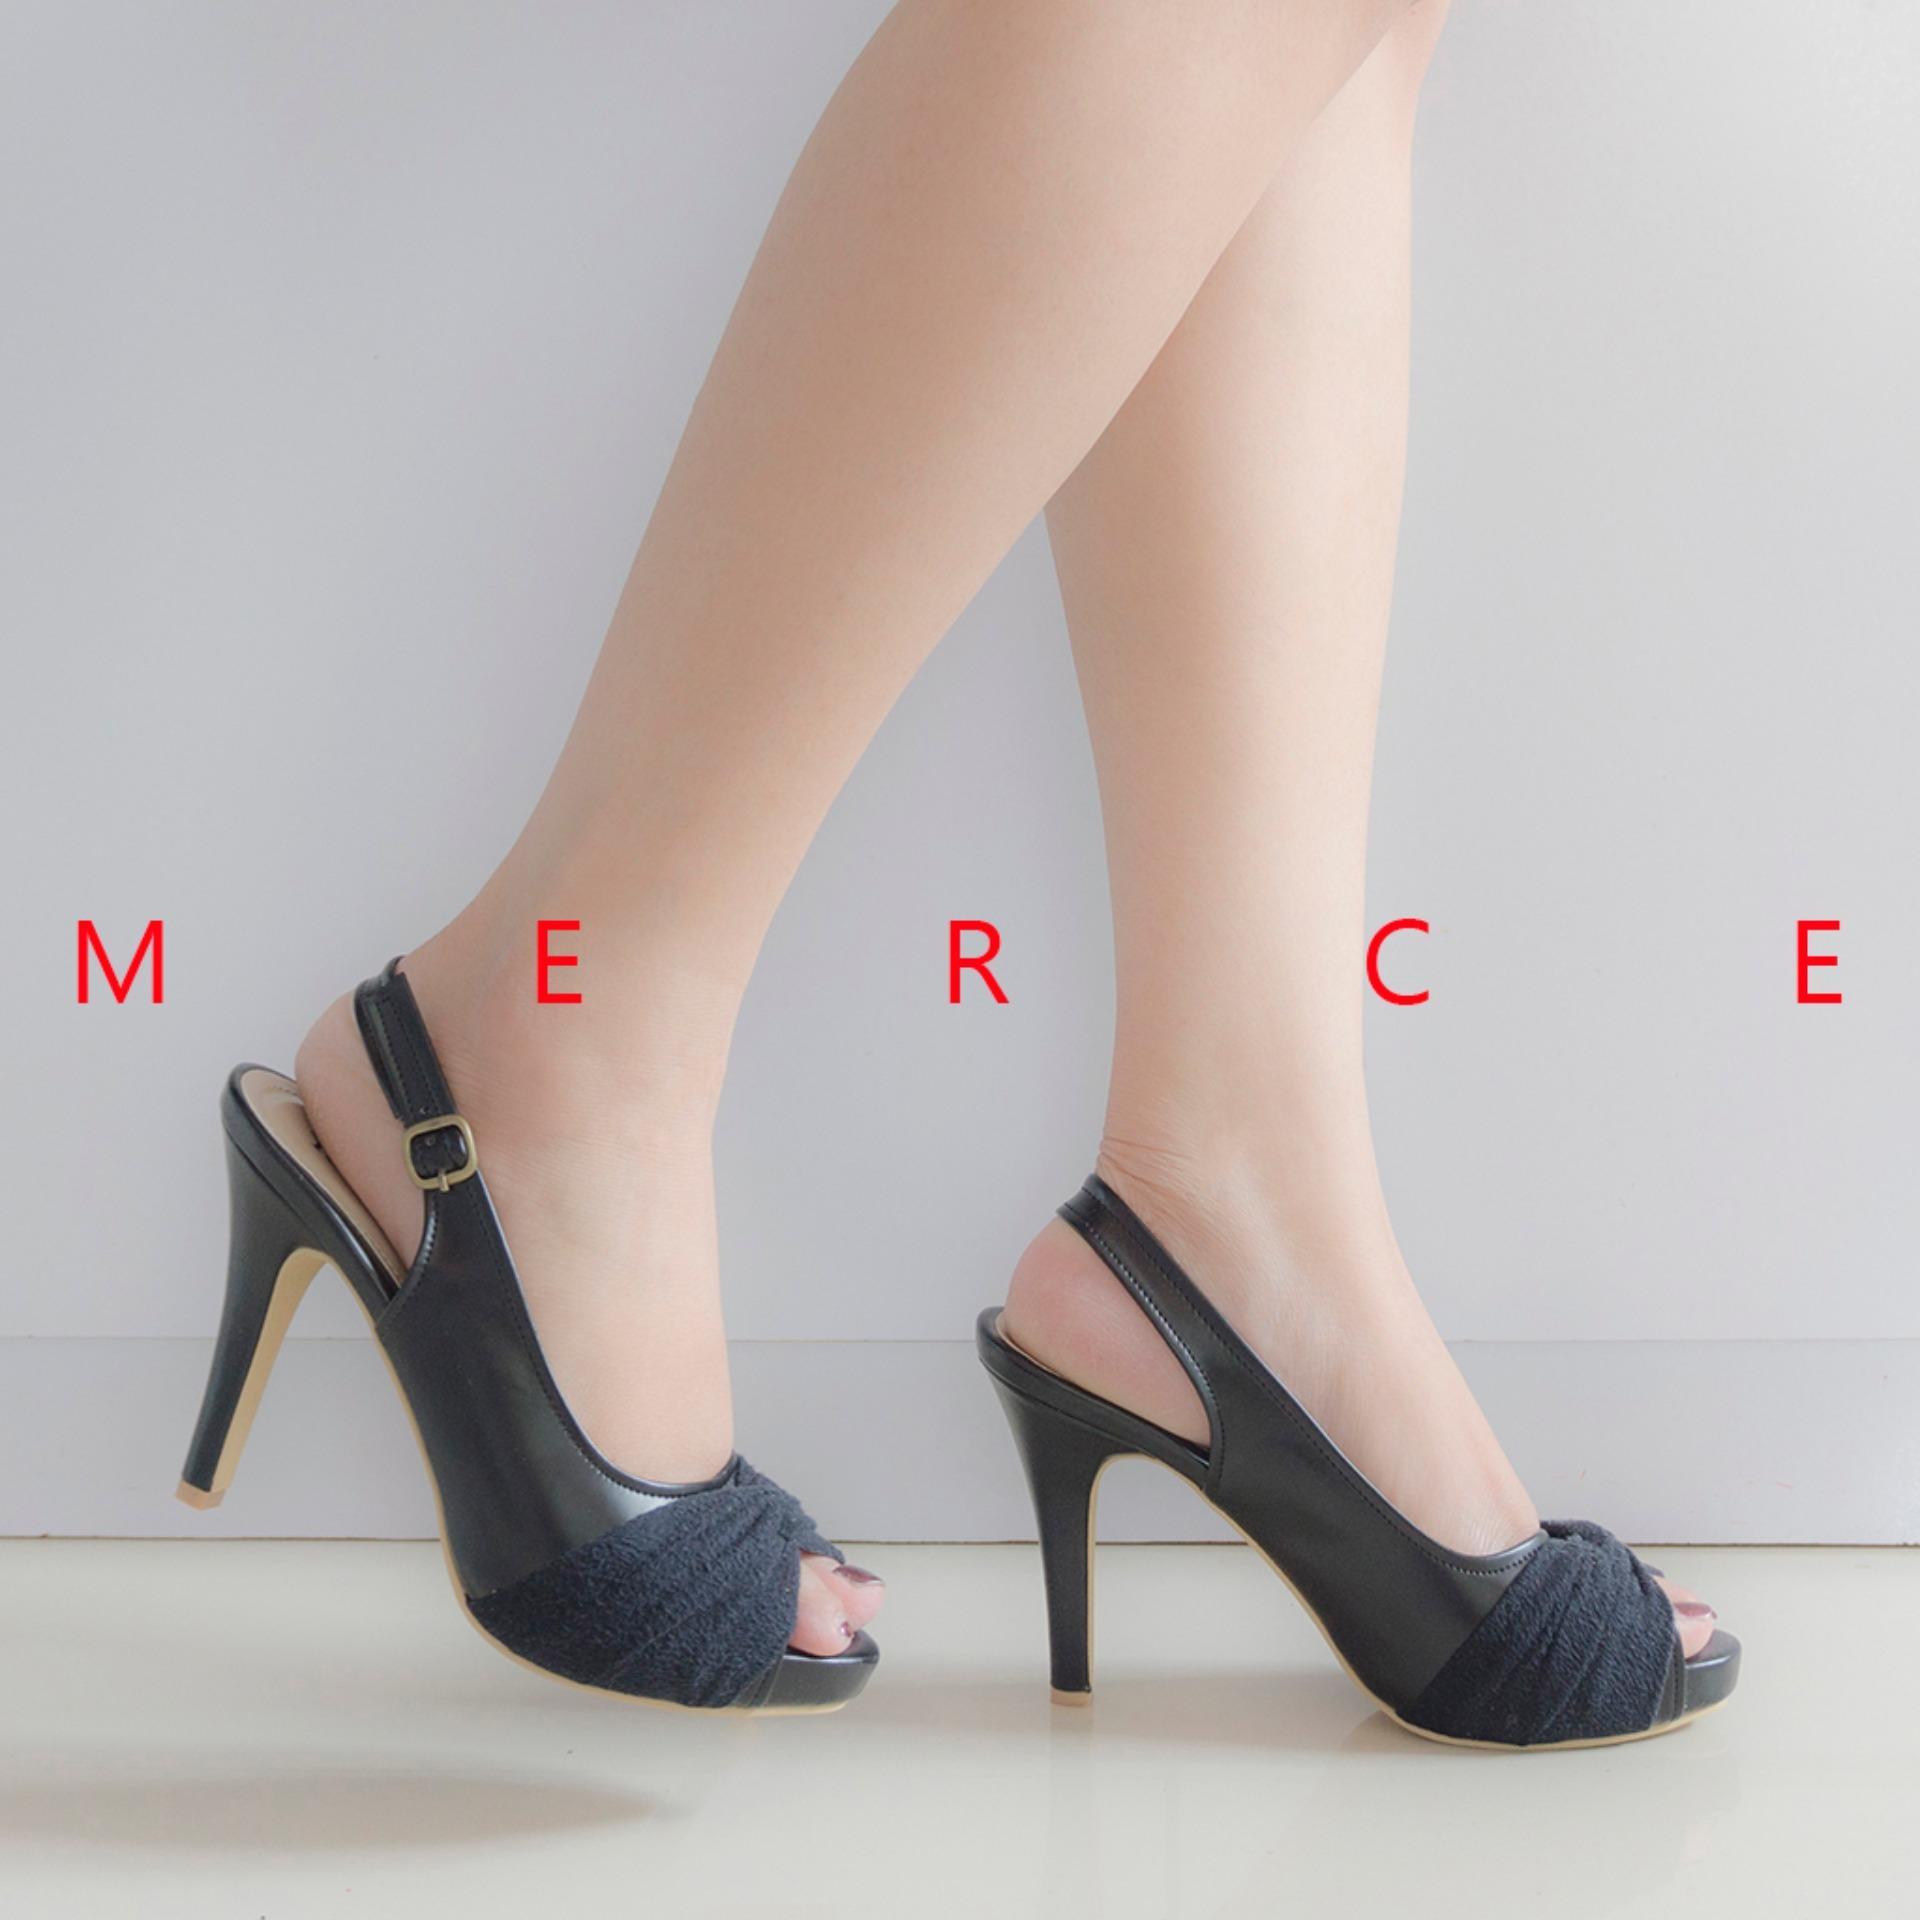 Beli Isabel Sepatu Wanita Hak Tinggi Ivanka Heels Hitam Online